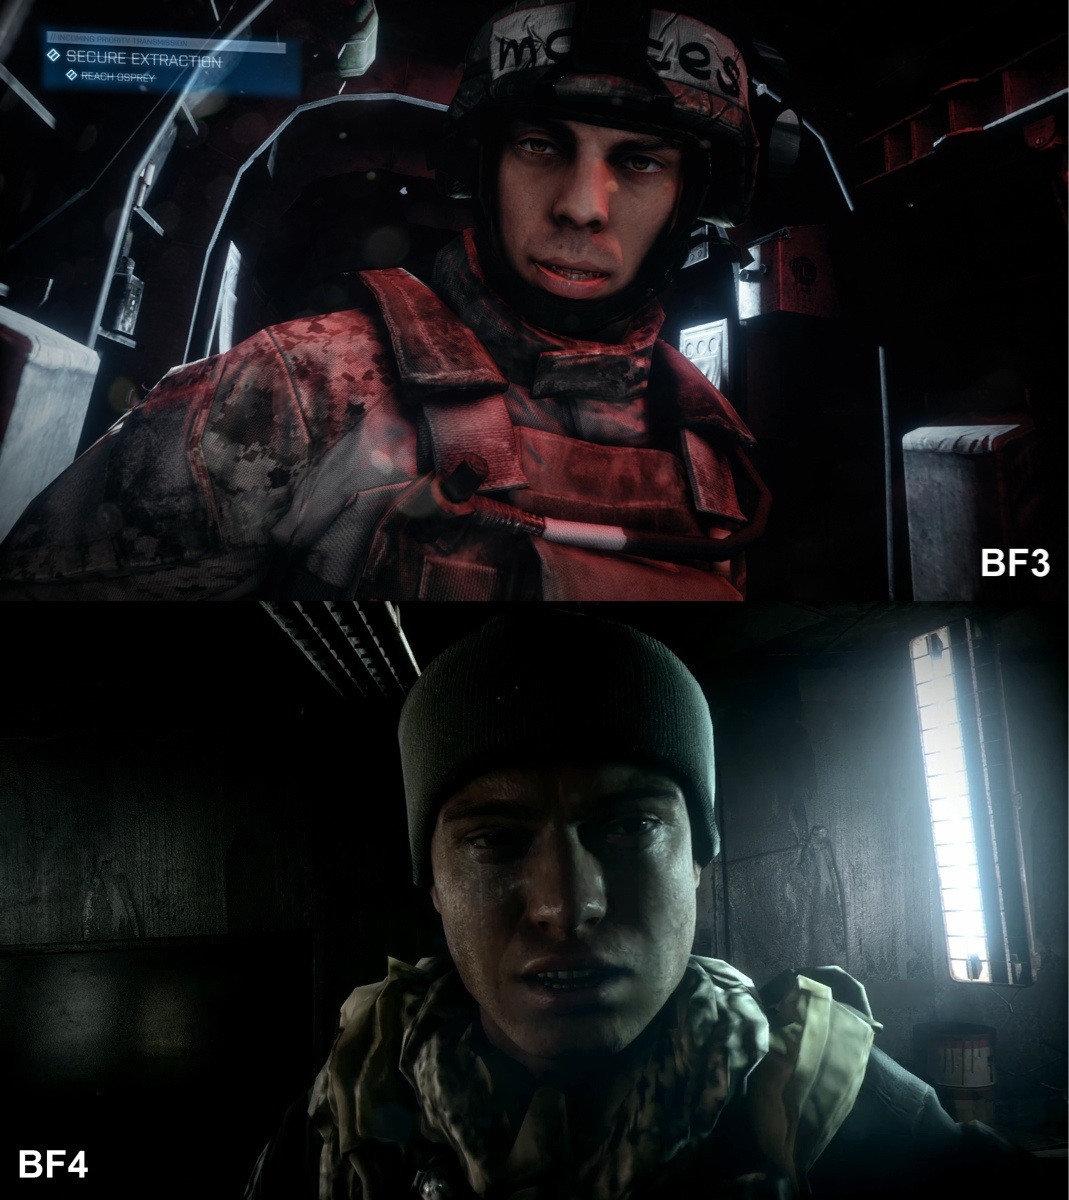 BF3 vs BF4